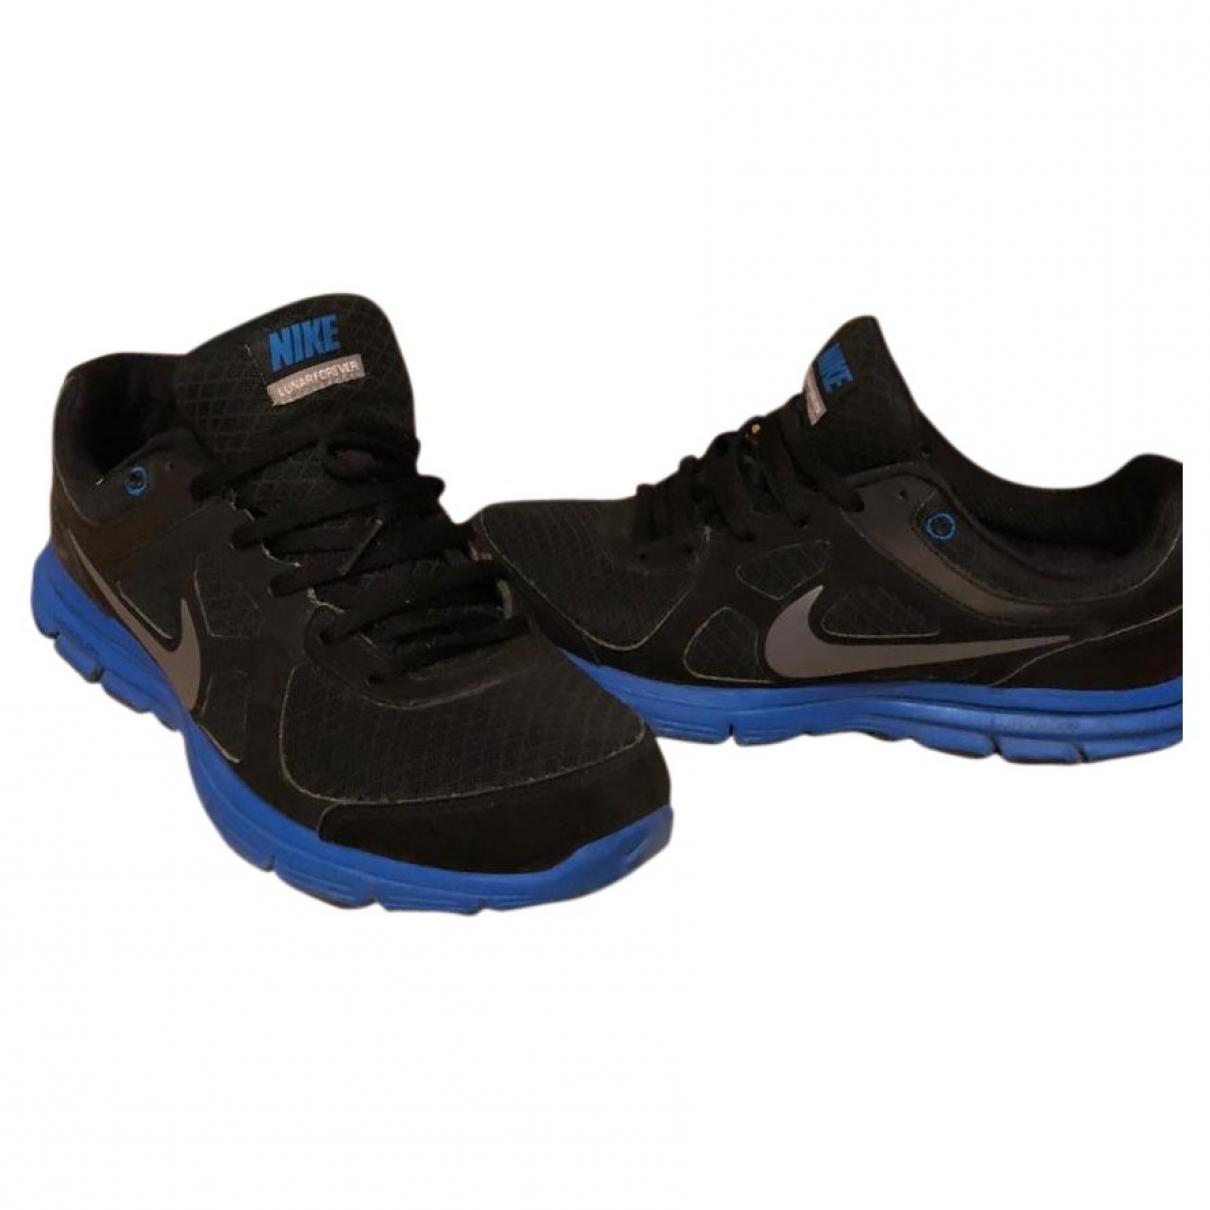 Nike - Baskets Lunar Force 1  pour homme en autre - multicolore